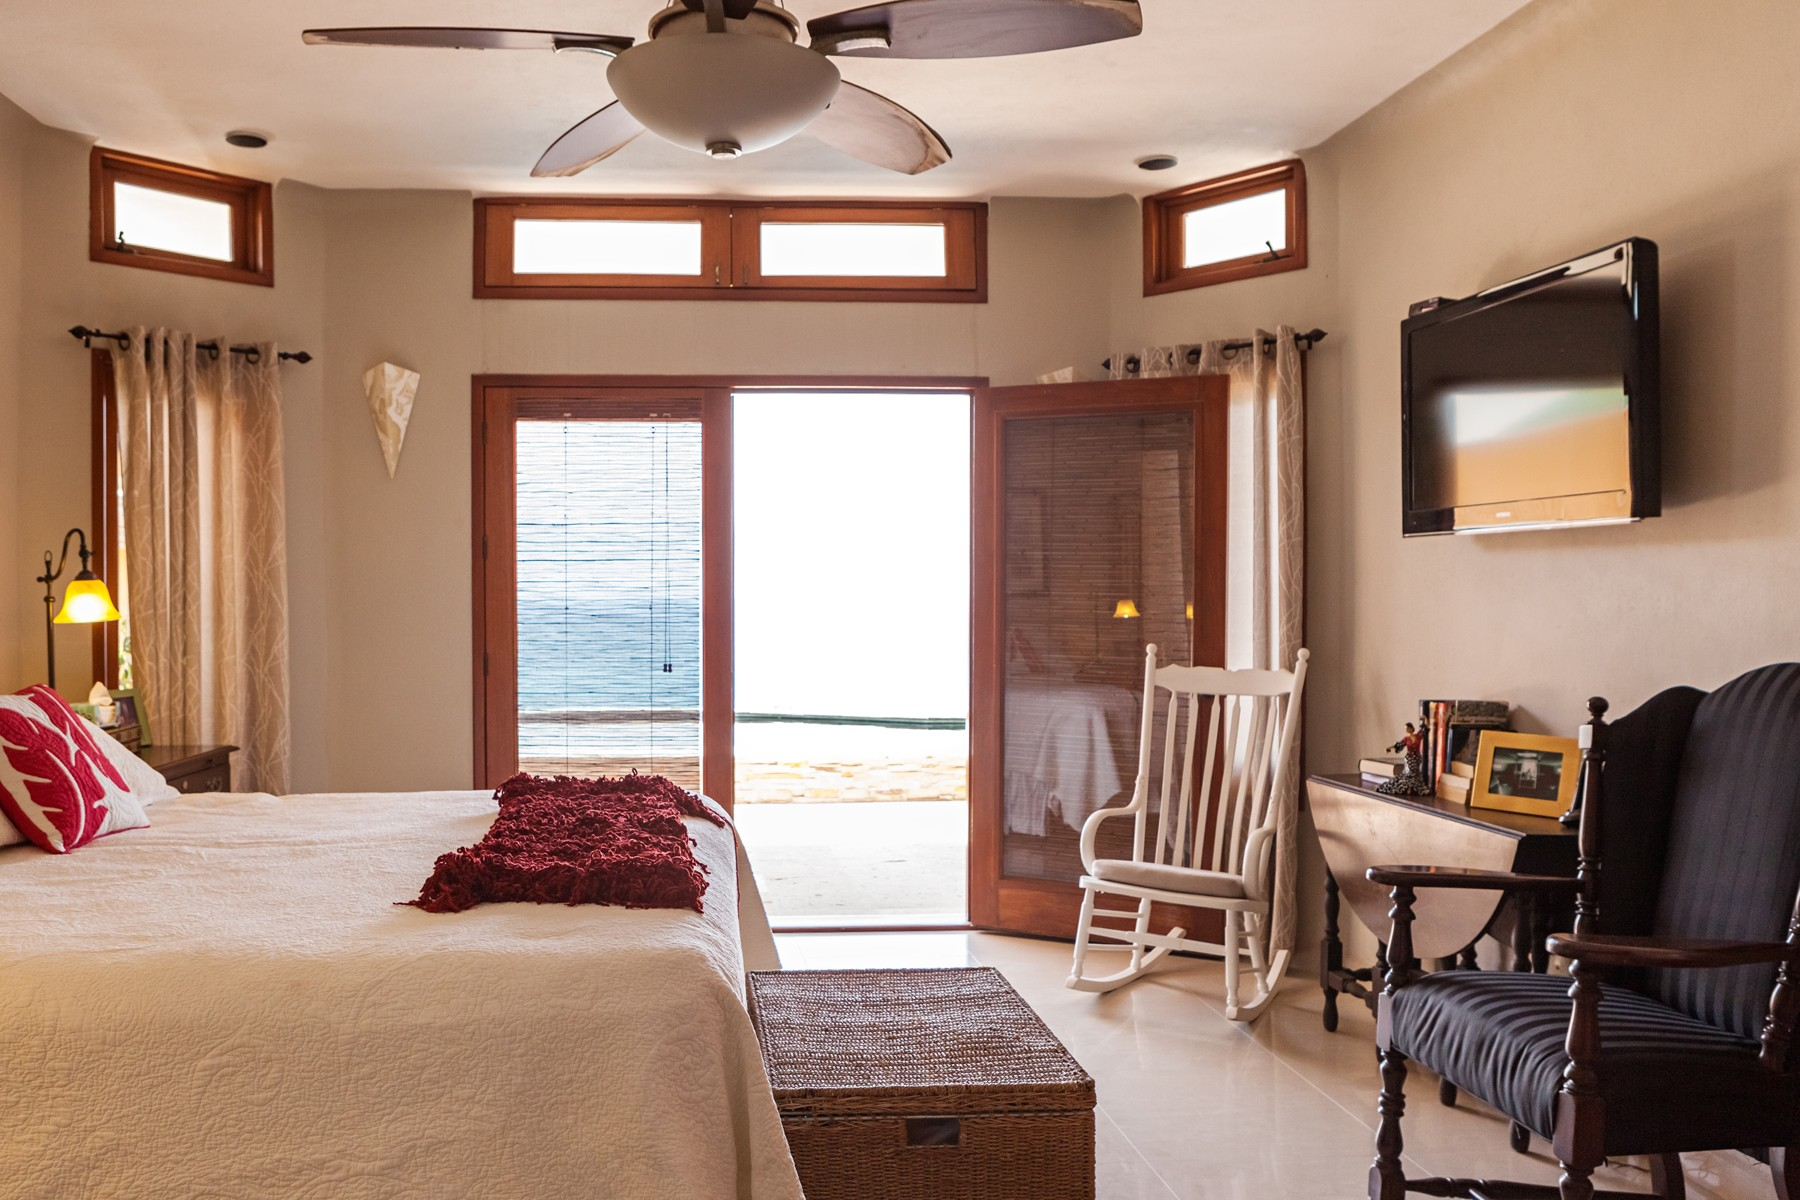 Additional photo for property listing at Casa Tranquila, Manzanillo Calle Almendros 100 Manzanillo, Colima 28860 Mexico